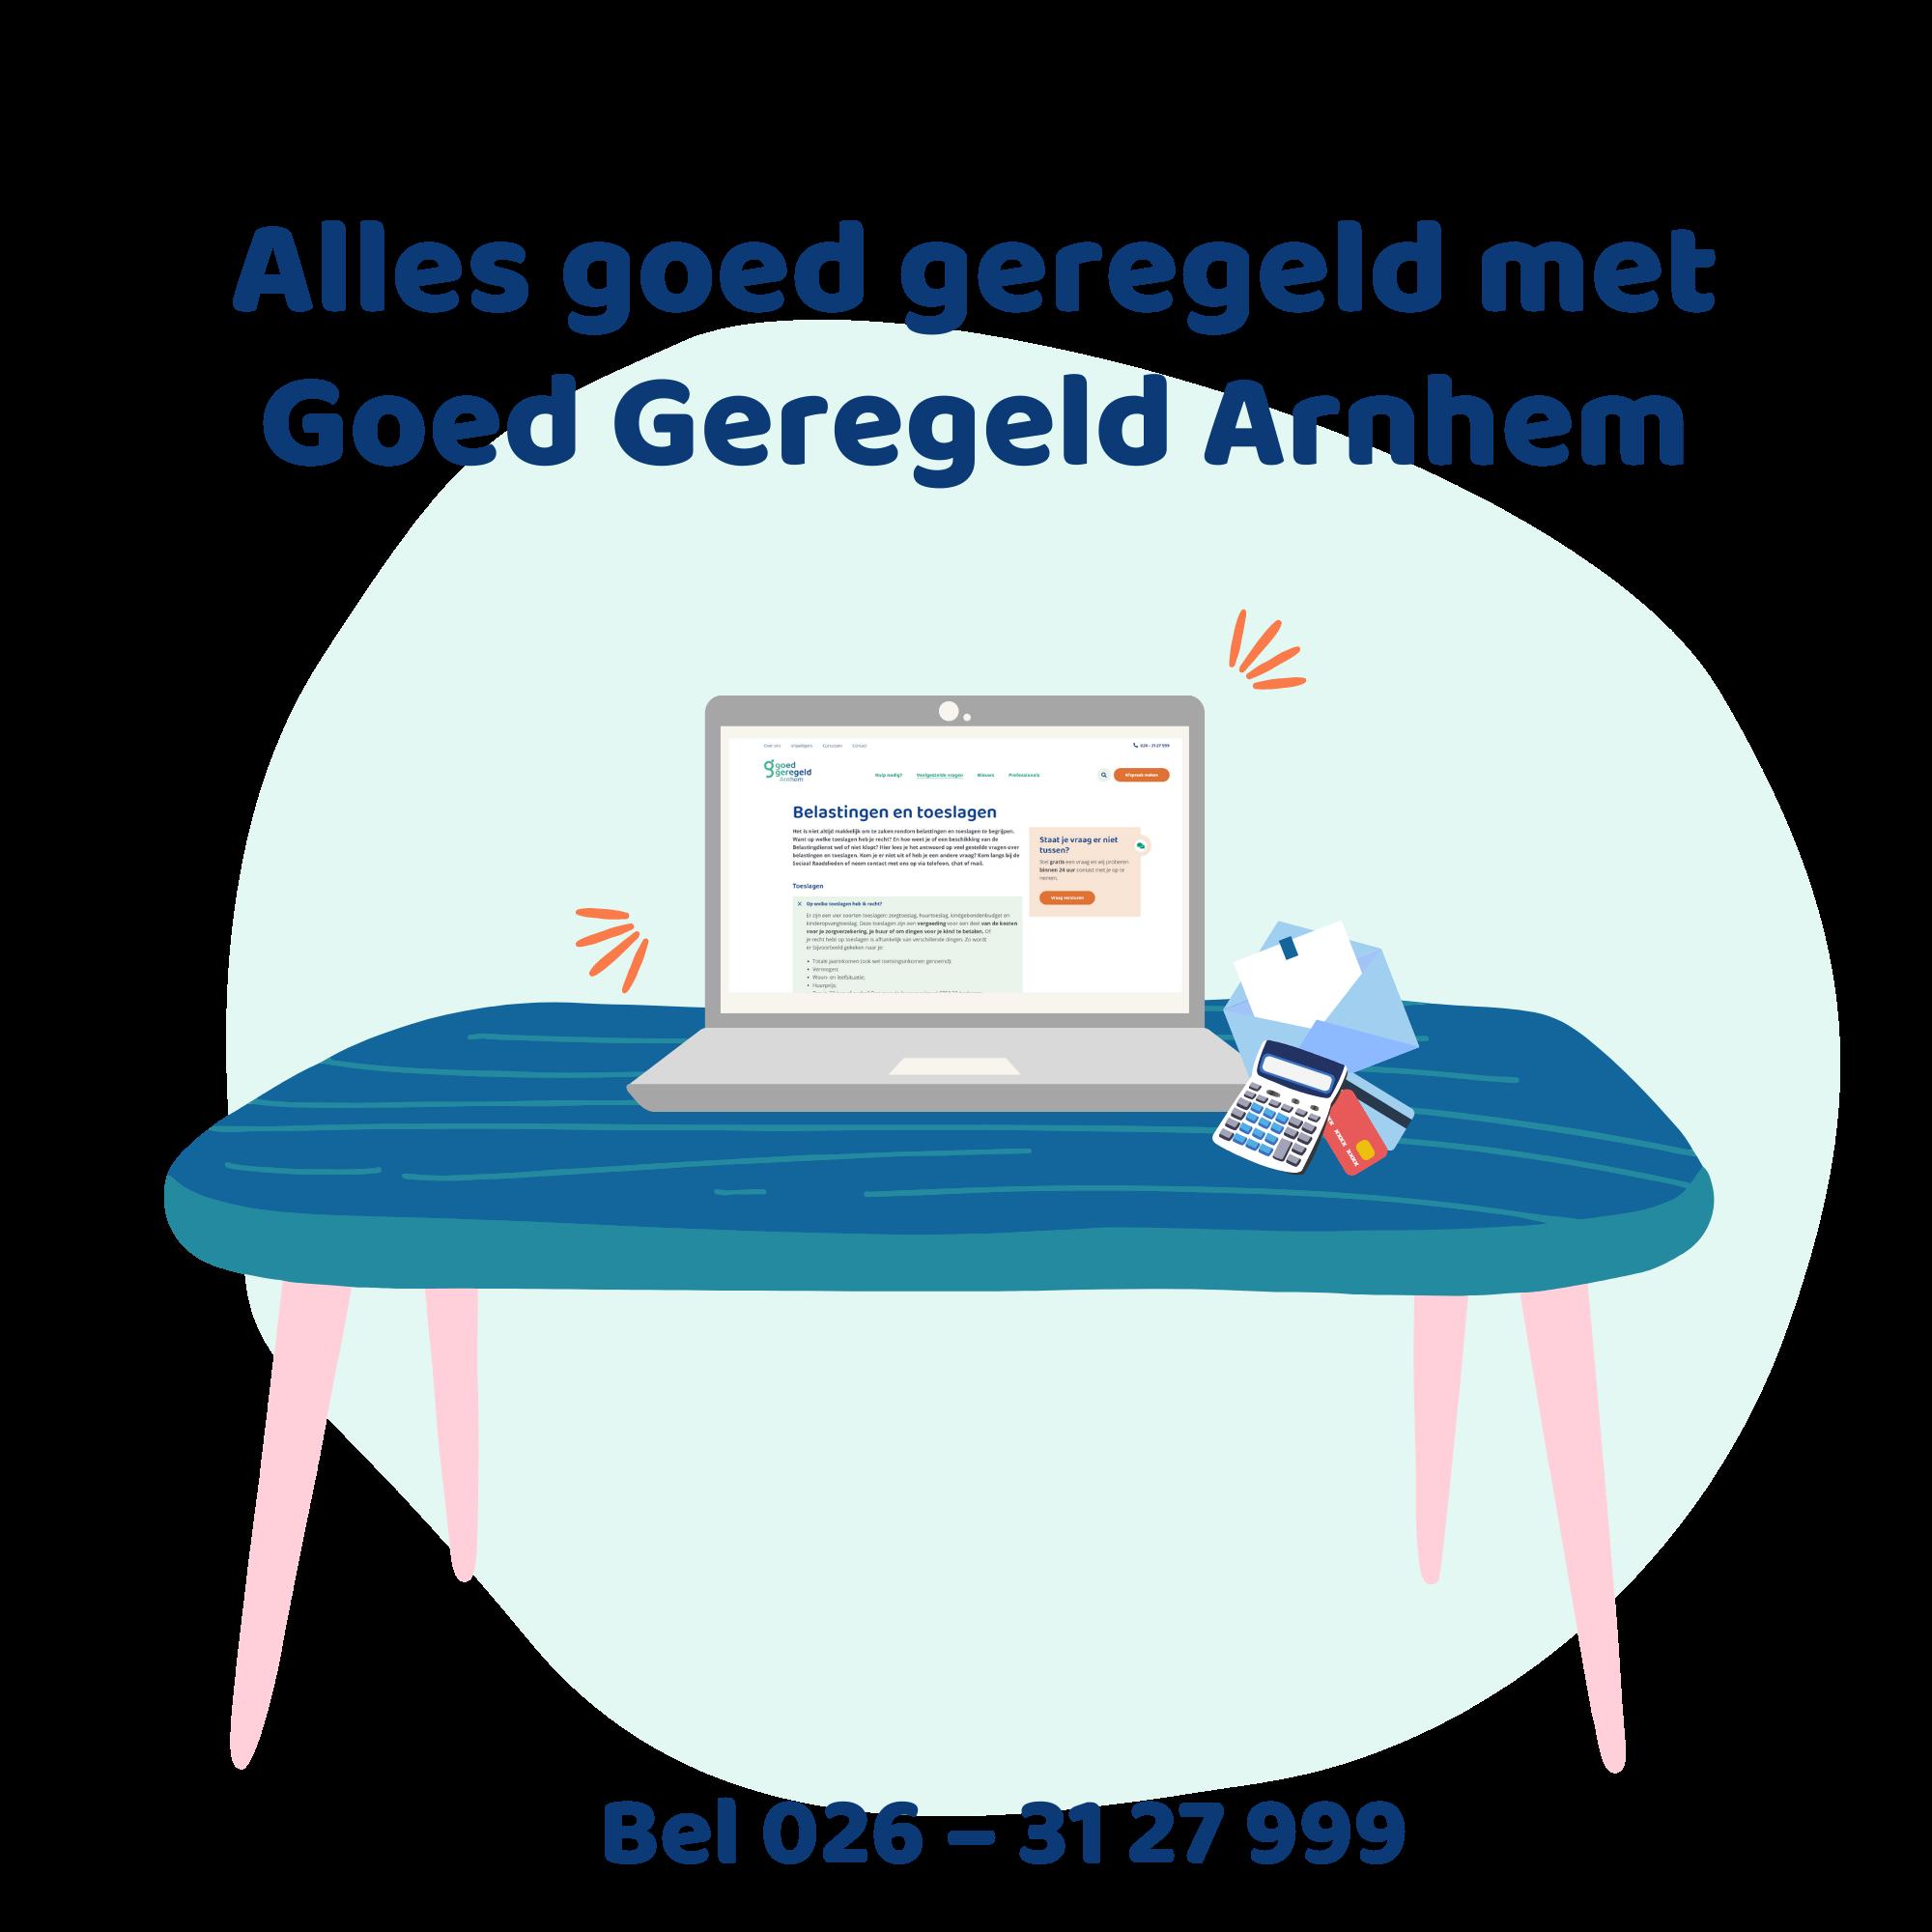 contact Goed Geregeld Arnhem